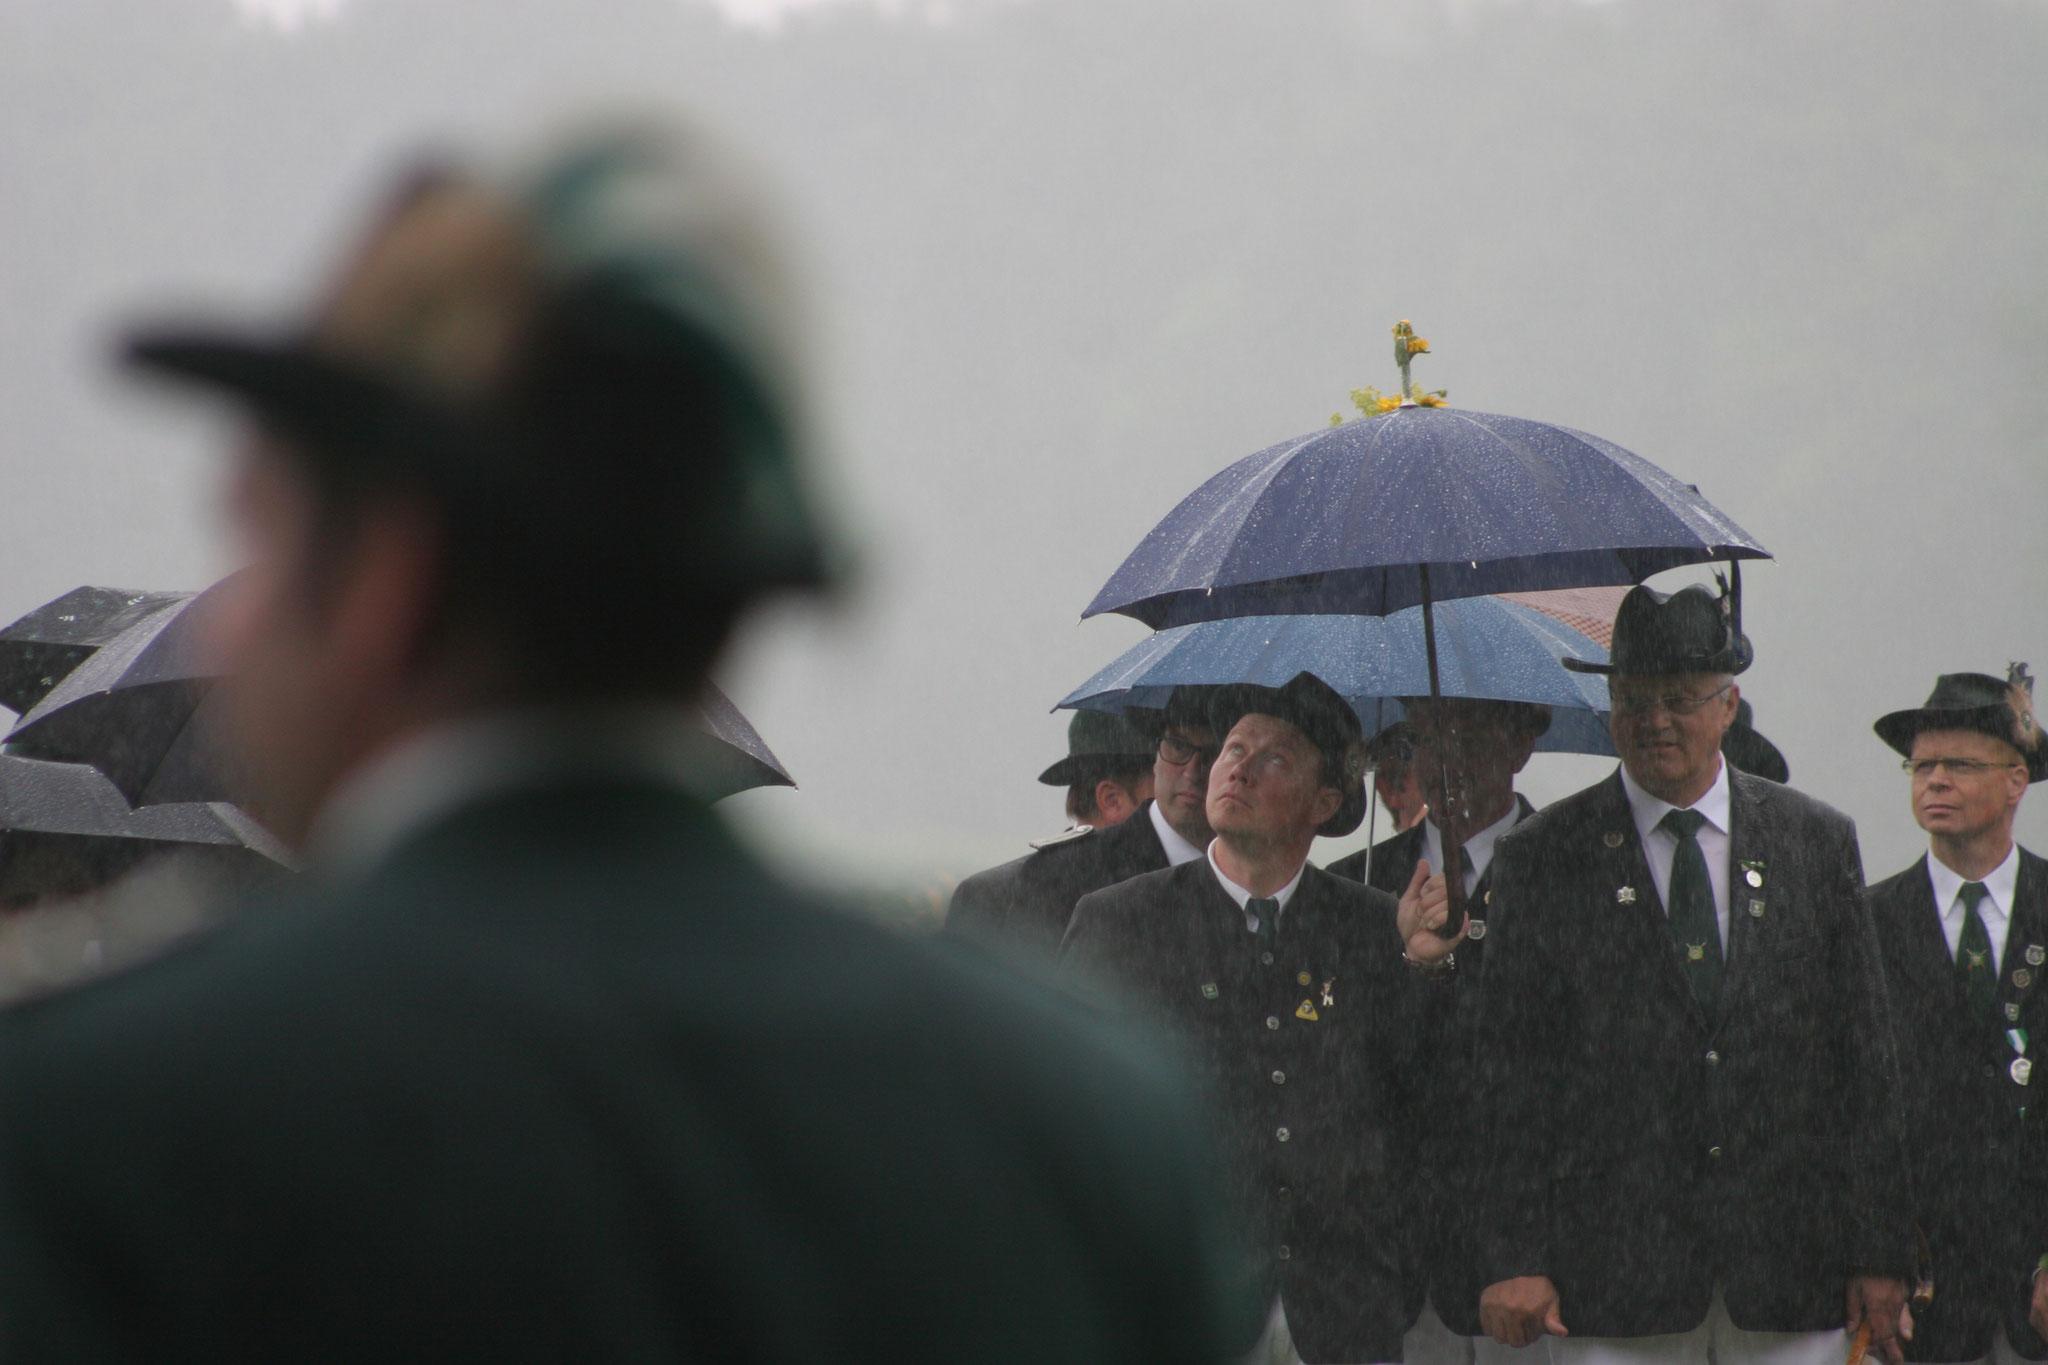 Antreten bei Regen